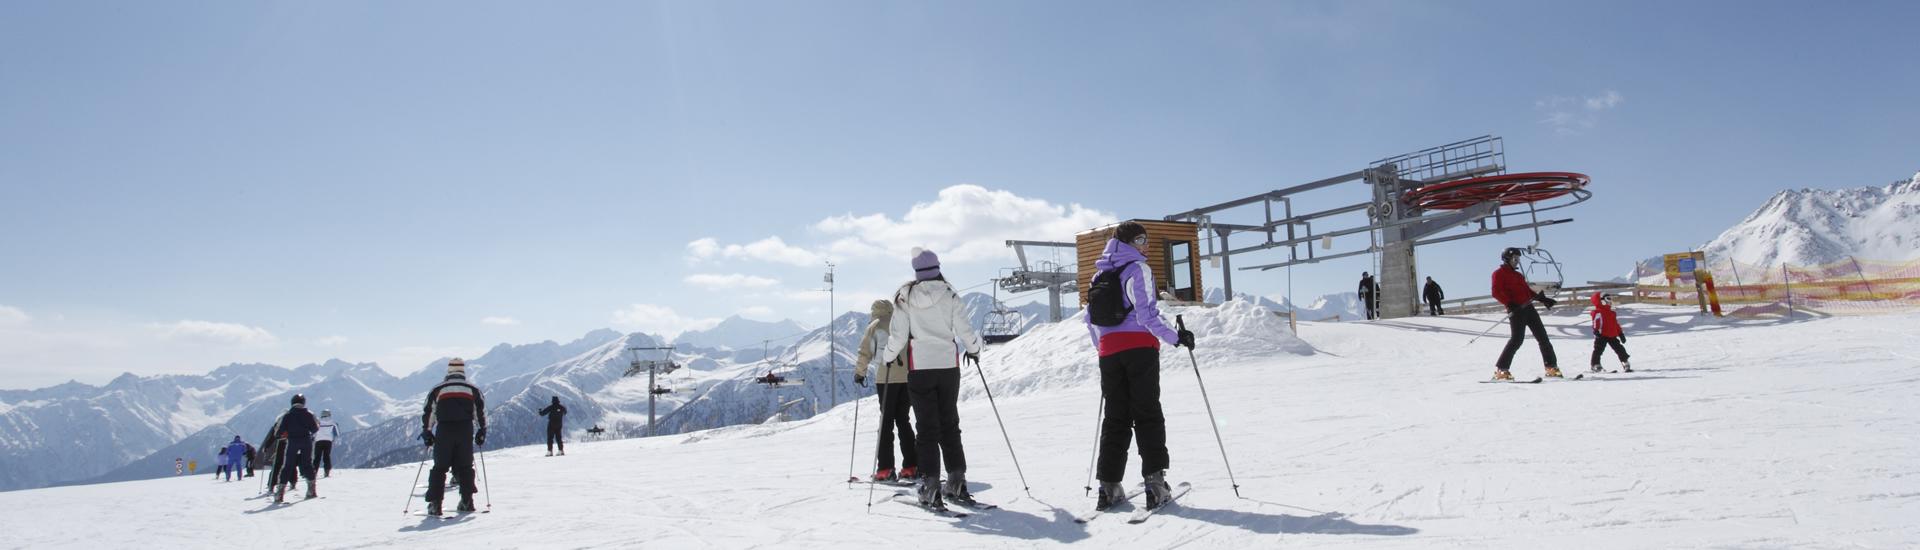 ski area pejo